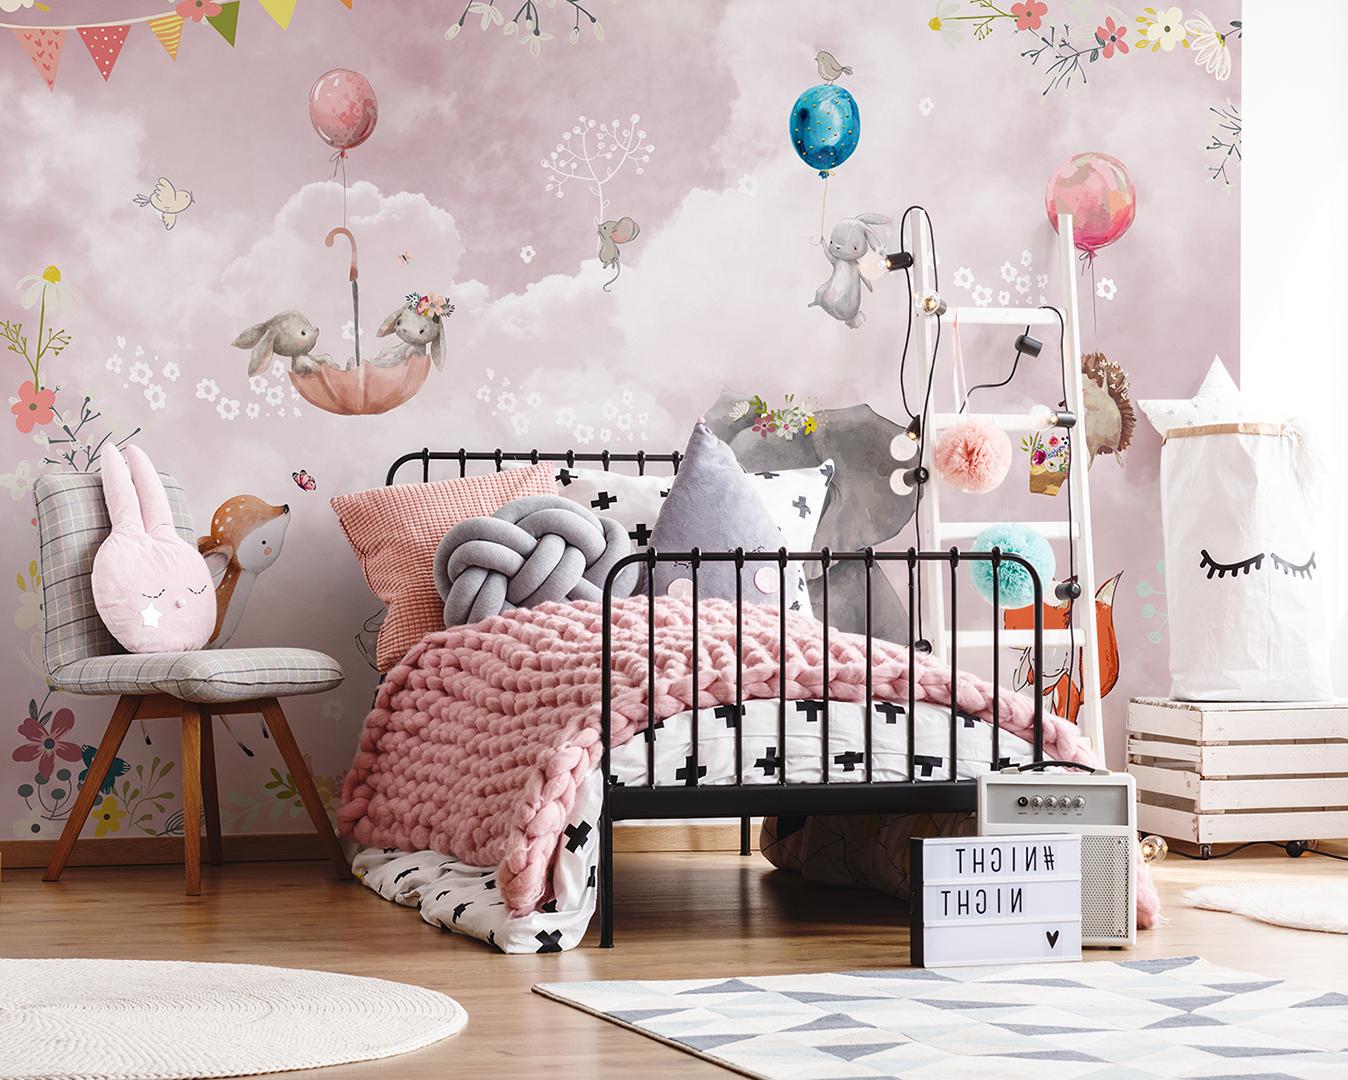 Фотообои в Детскую комнату на стене в интерьере